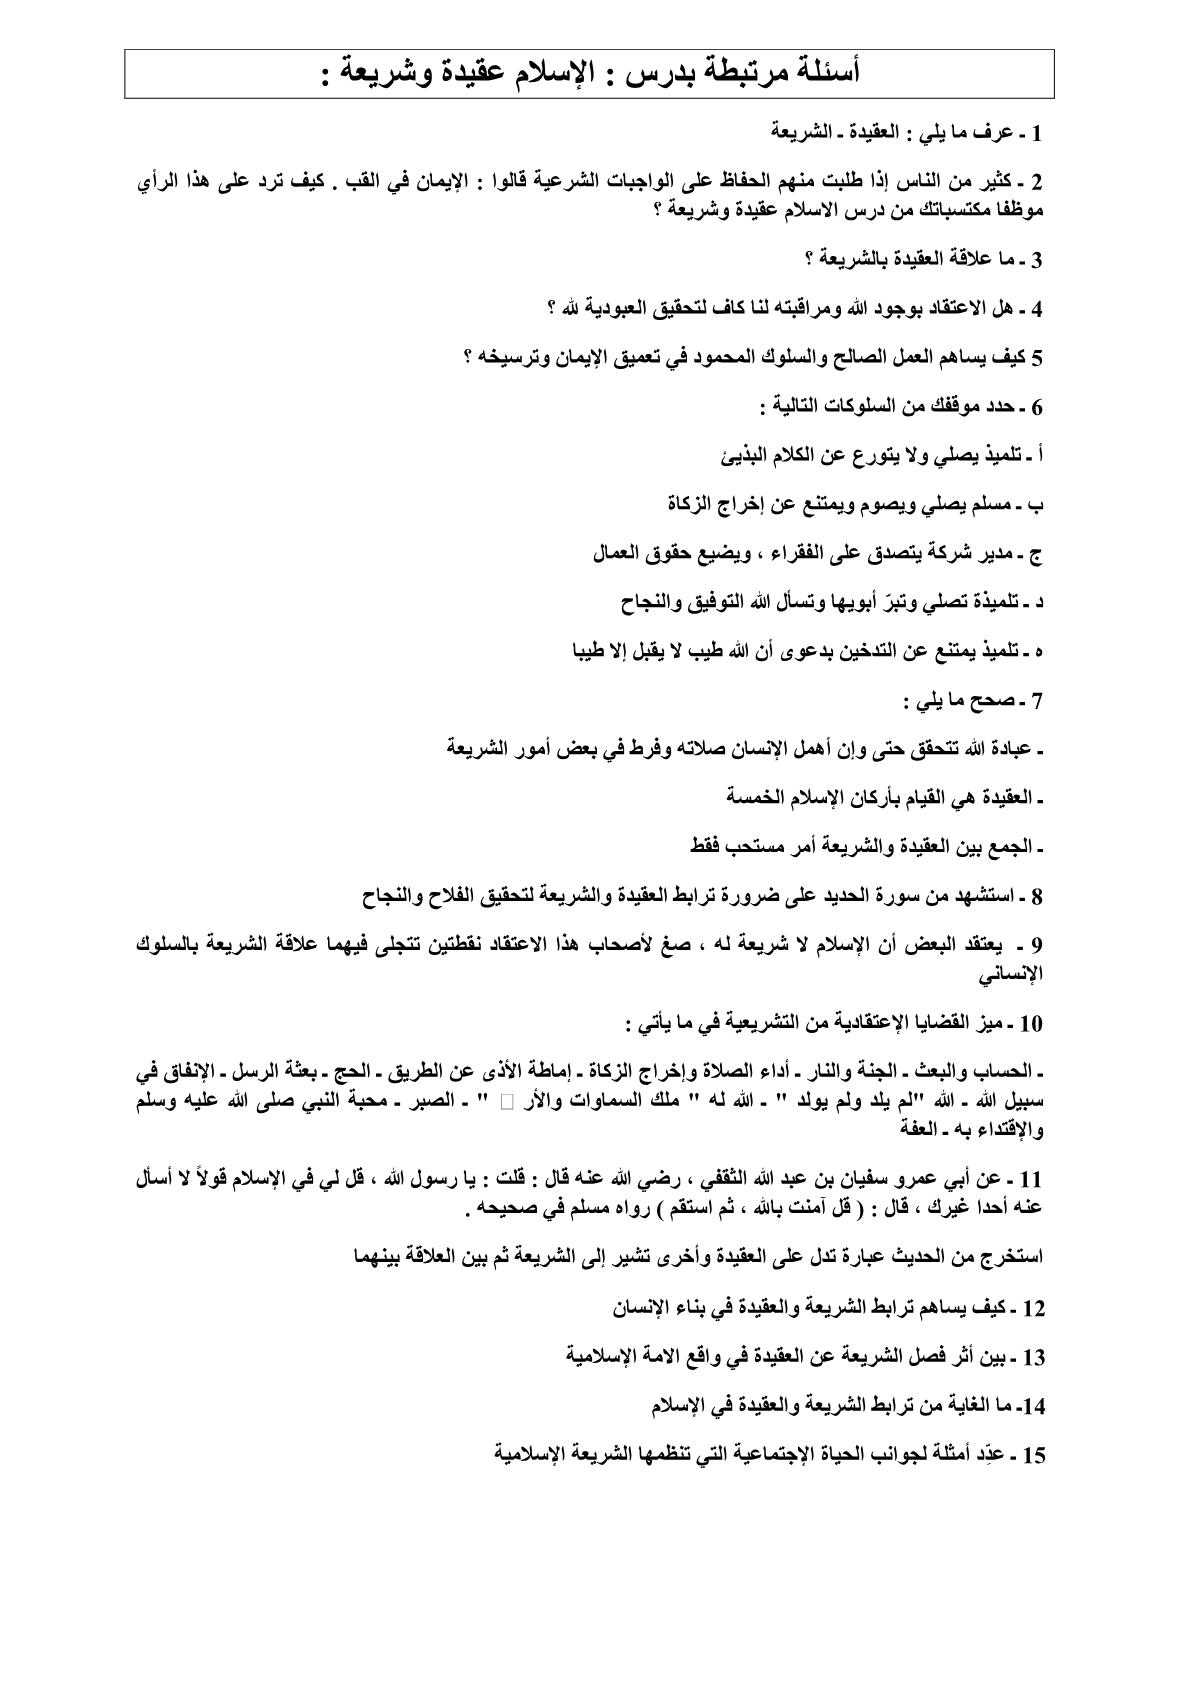 تمارين وأسئلة درس الإسلام عقيدة وشريعة للسنة الثالثة اعدادي